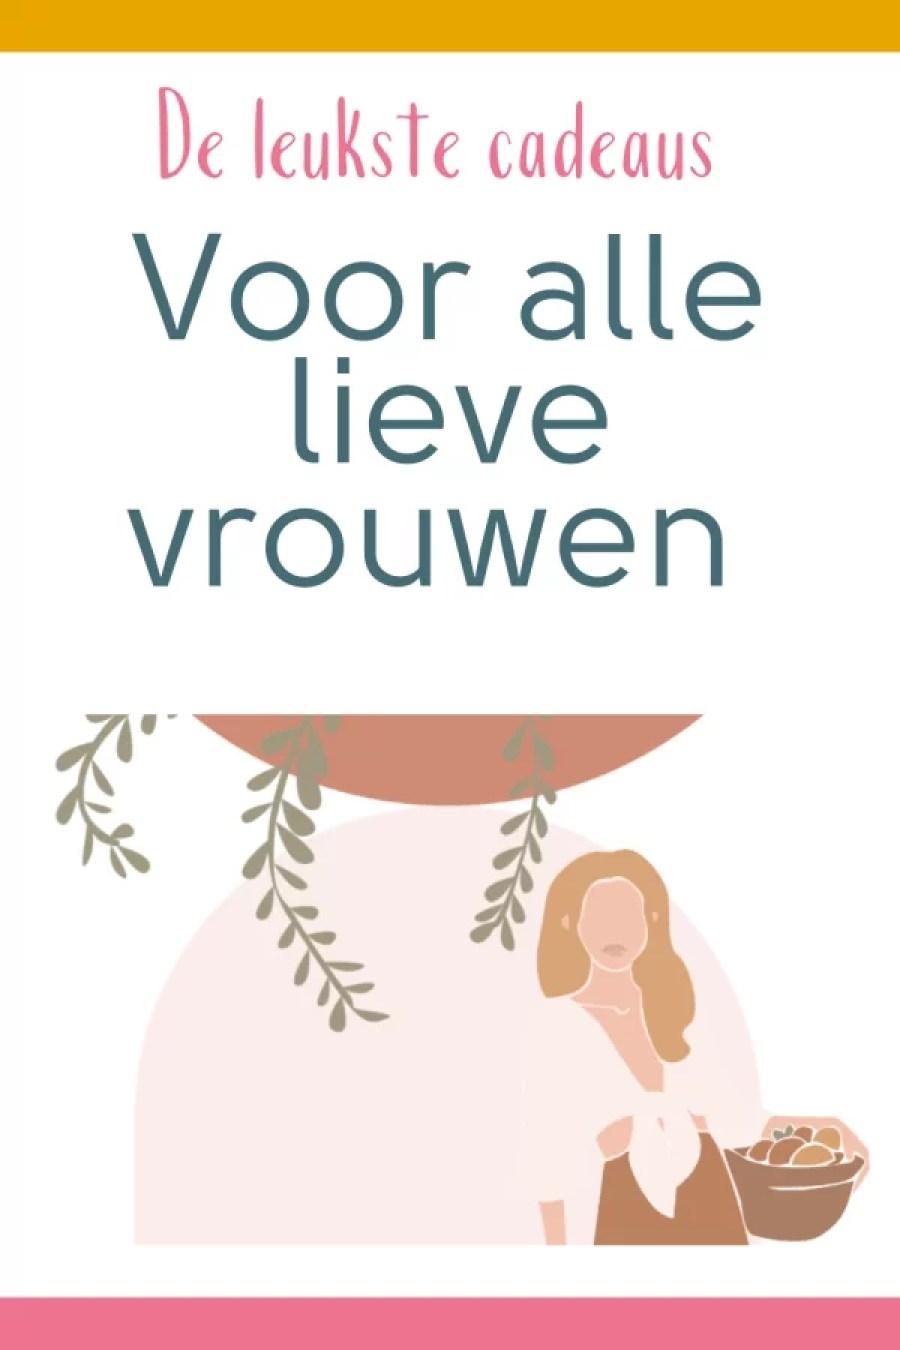 56A3BE03 DBD4 48C7 9132 60056EFF925B - Voor de allerliefste moeders van Nederland